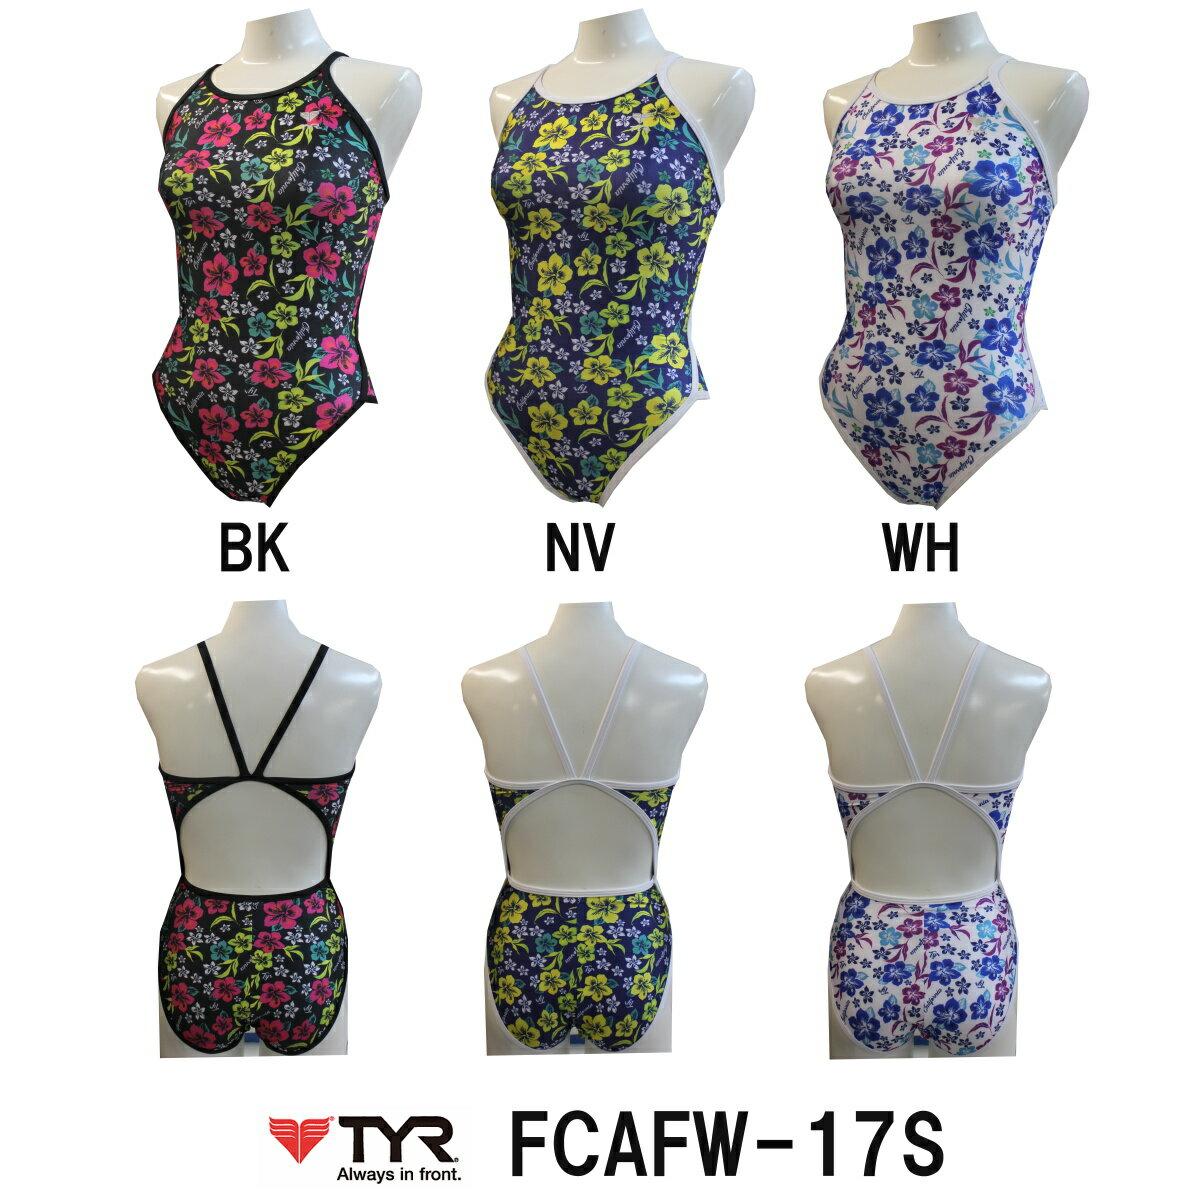 【FCAFW-17S】TYR(ティア)レディーストレーニング水着CALIFORNIAFLOWER(カリフォルニアフラワー)ウィメンズフレックスバック[練習用水着/ワンピース/女性用]